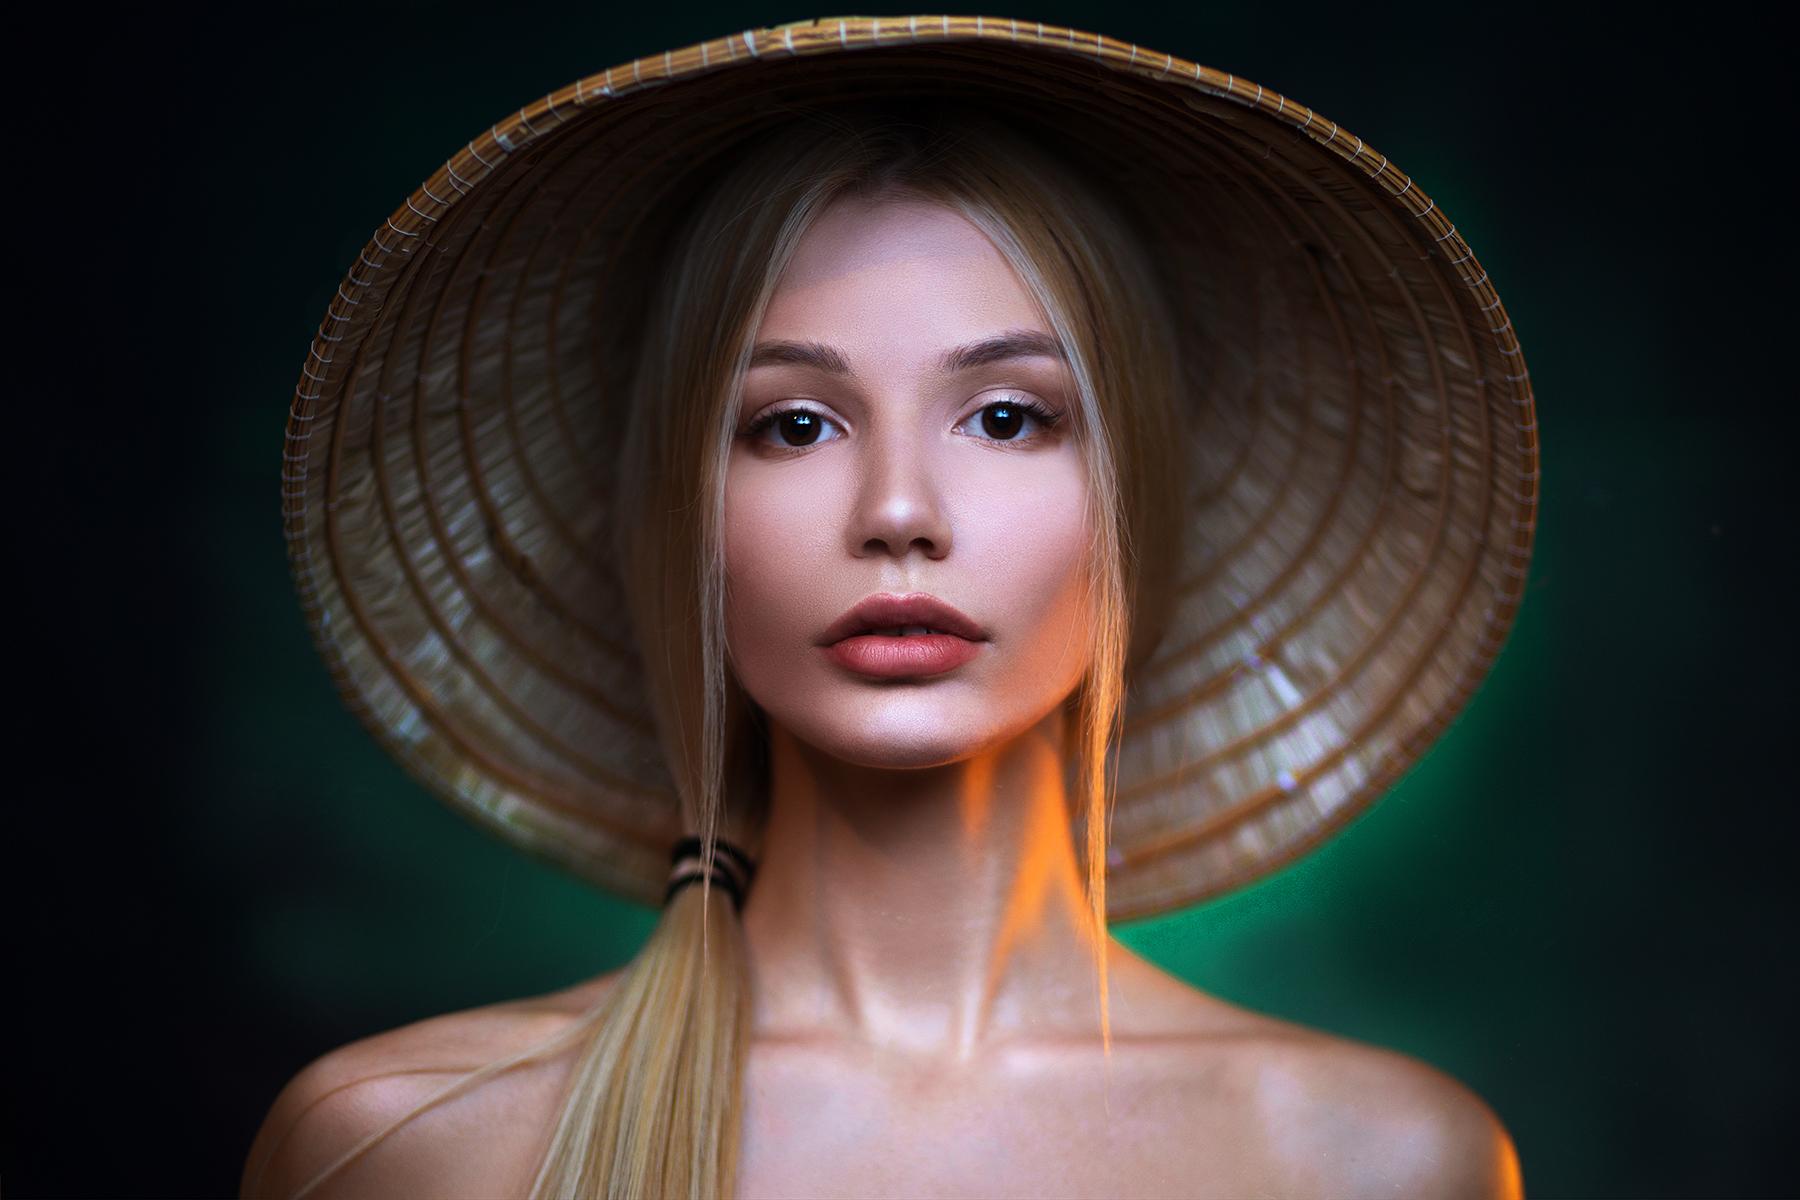 Women Blonde Face Portrait Hat Bare Shoulders 1800x1200